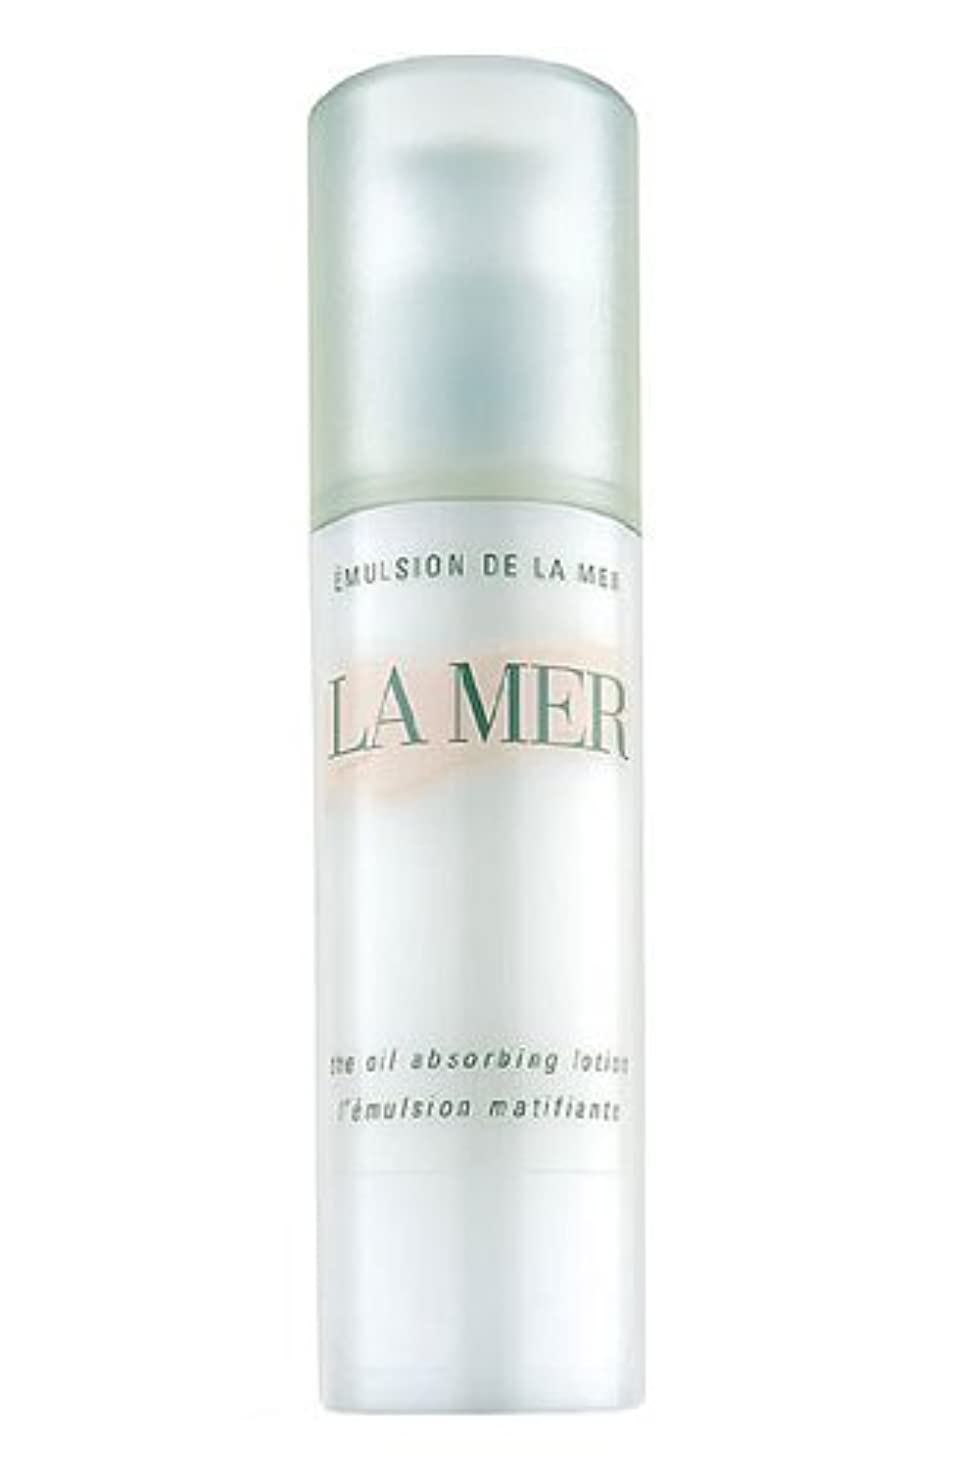 非常に合併肉La Mer The Oil Absorbing Lotion Oil-Free Lotion (ラメール オイル アブゾービング ローション オイル フリー ローション) 1.7 oz (50ml)